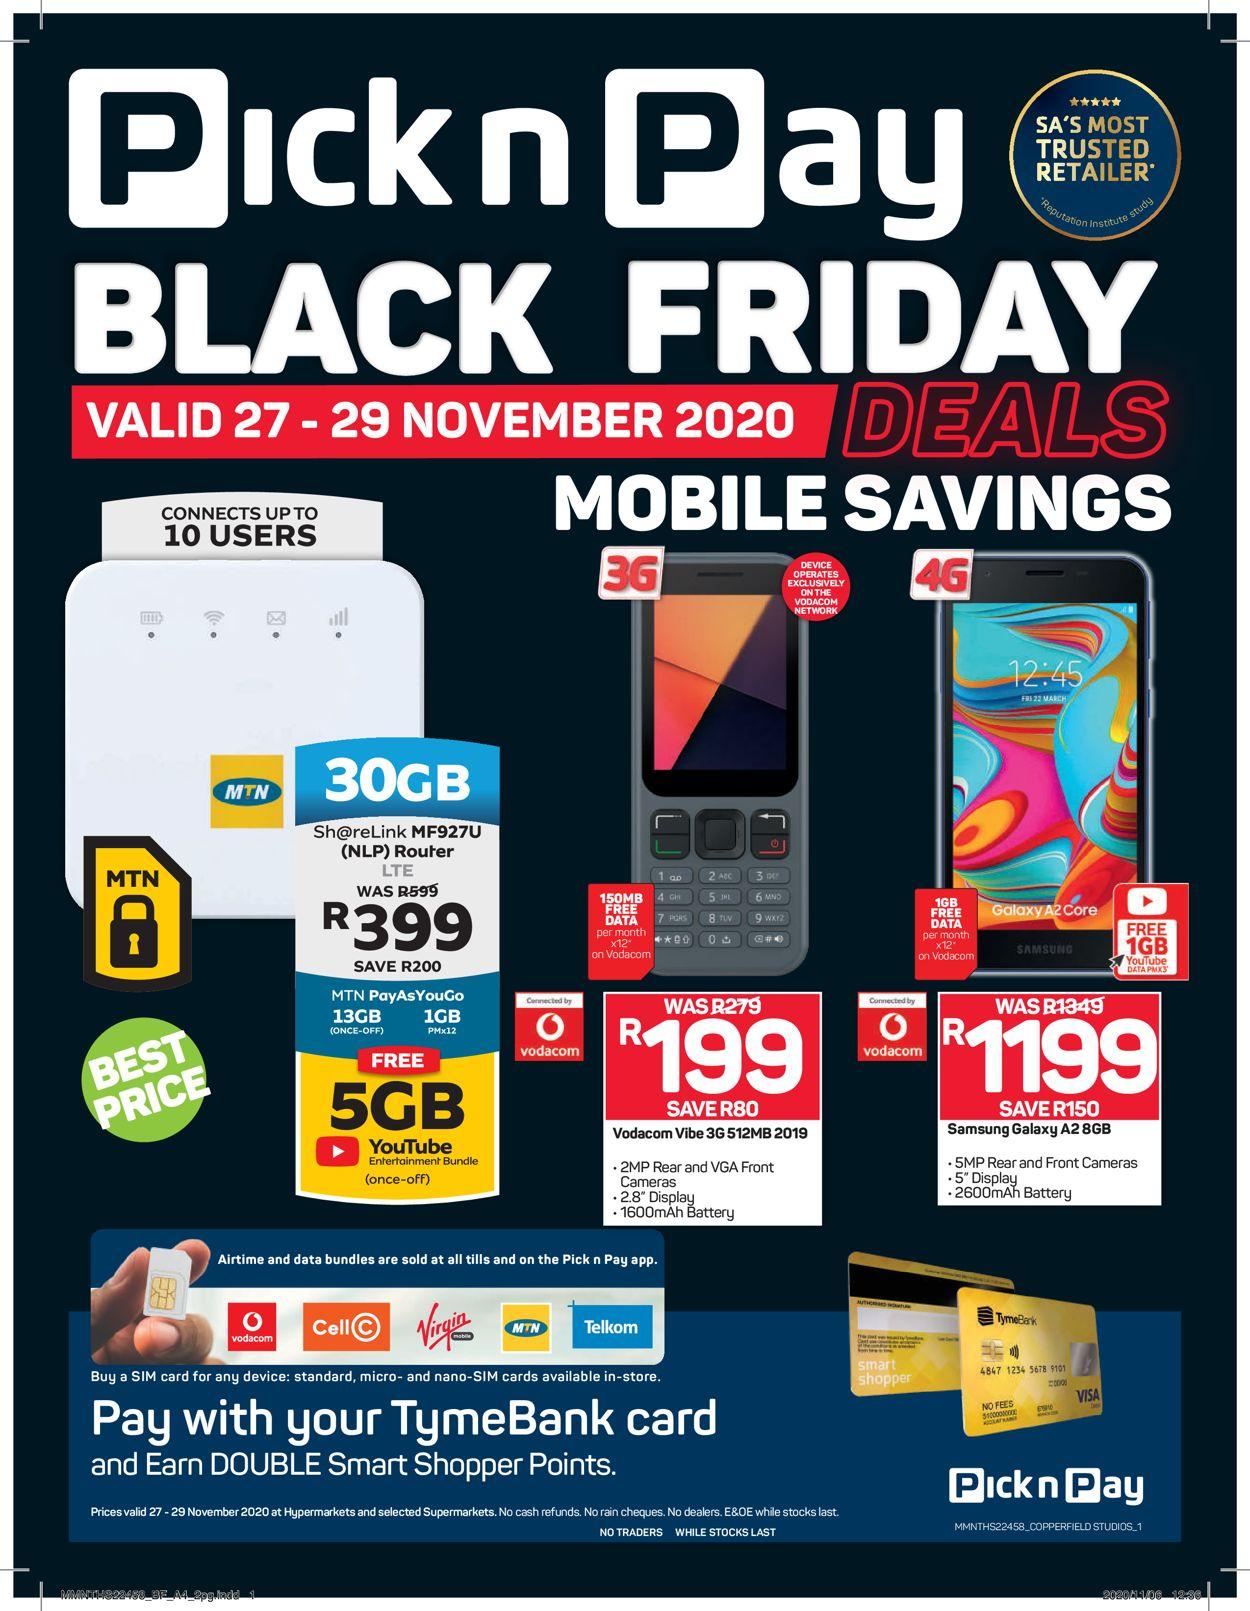 Pick n Pay Black Friday 2020 Catalogue - 2020/11/27-2020/11/29